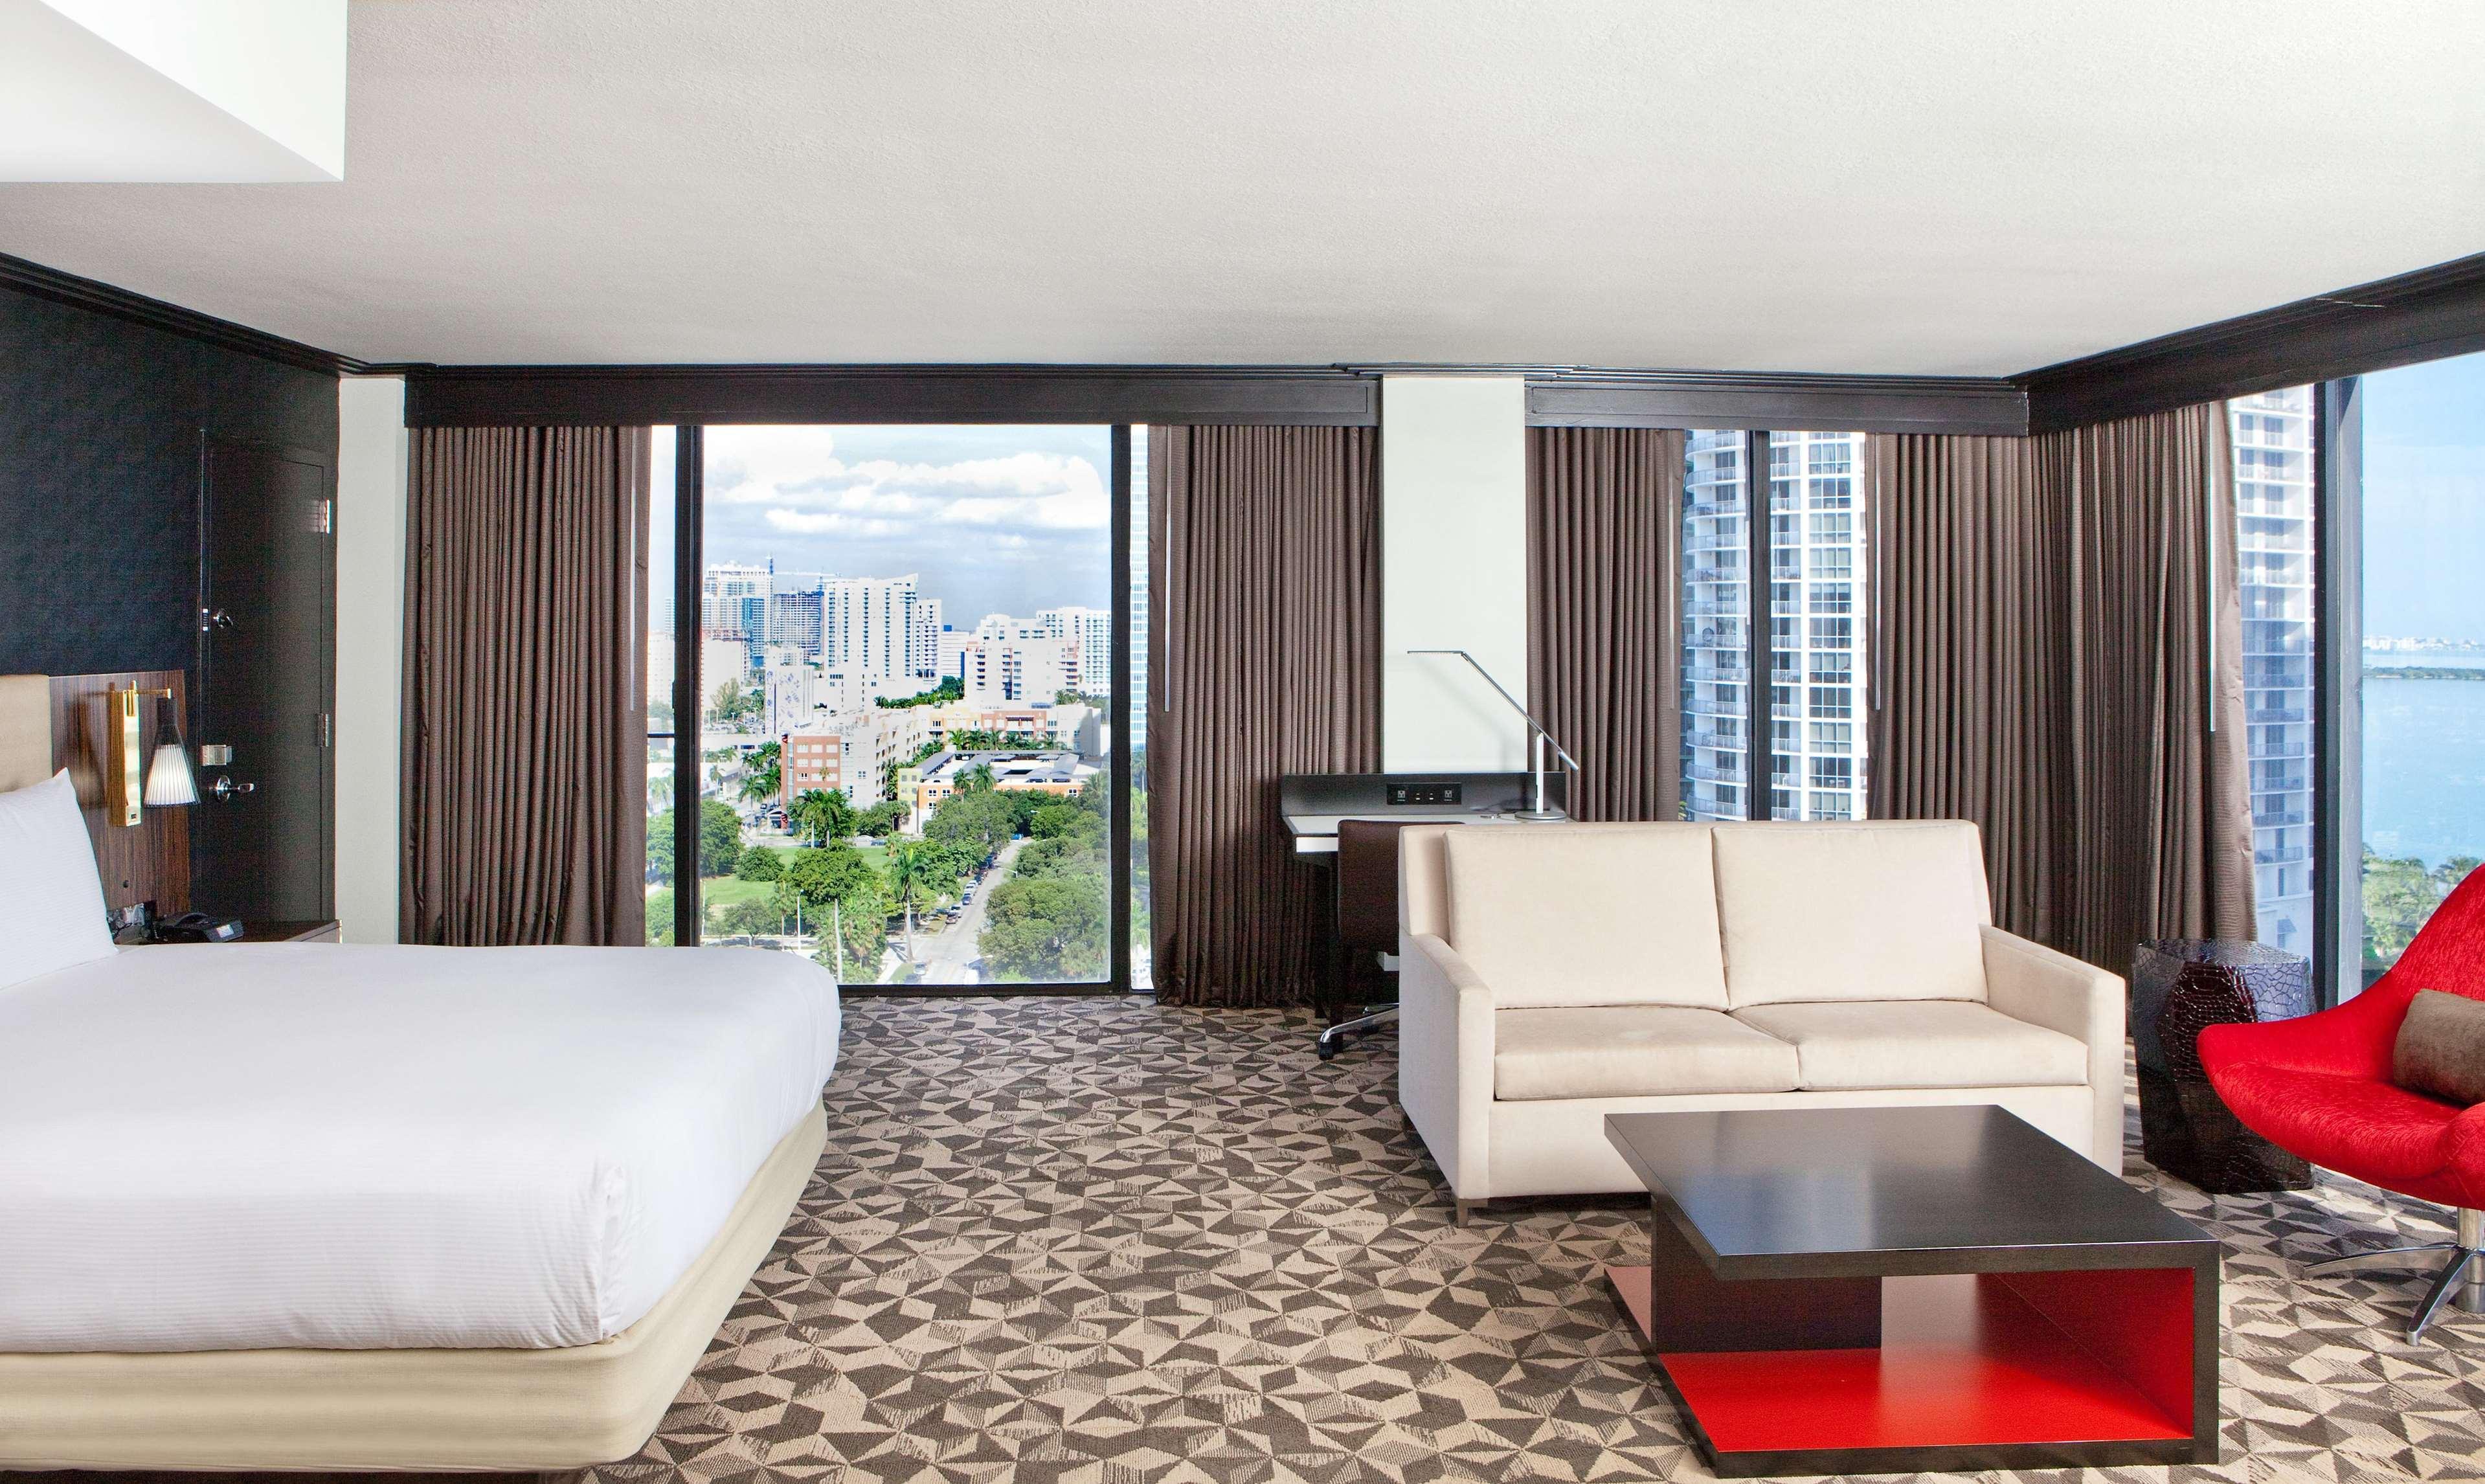 Hilton Miami Downtown image 40